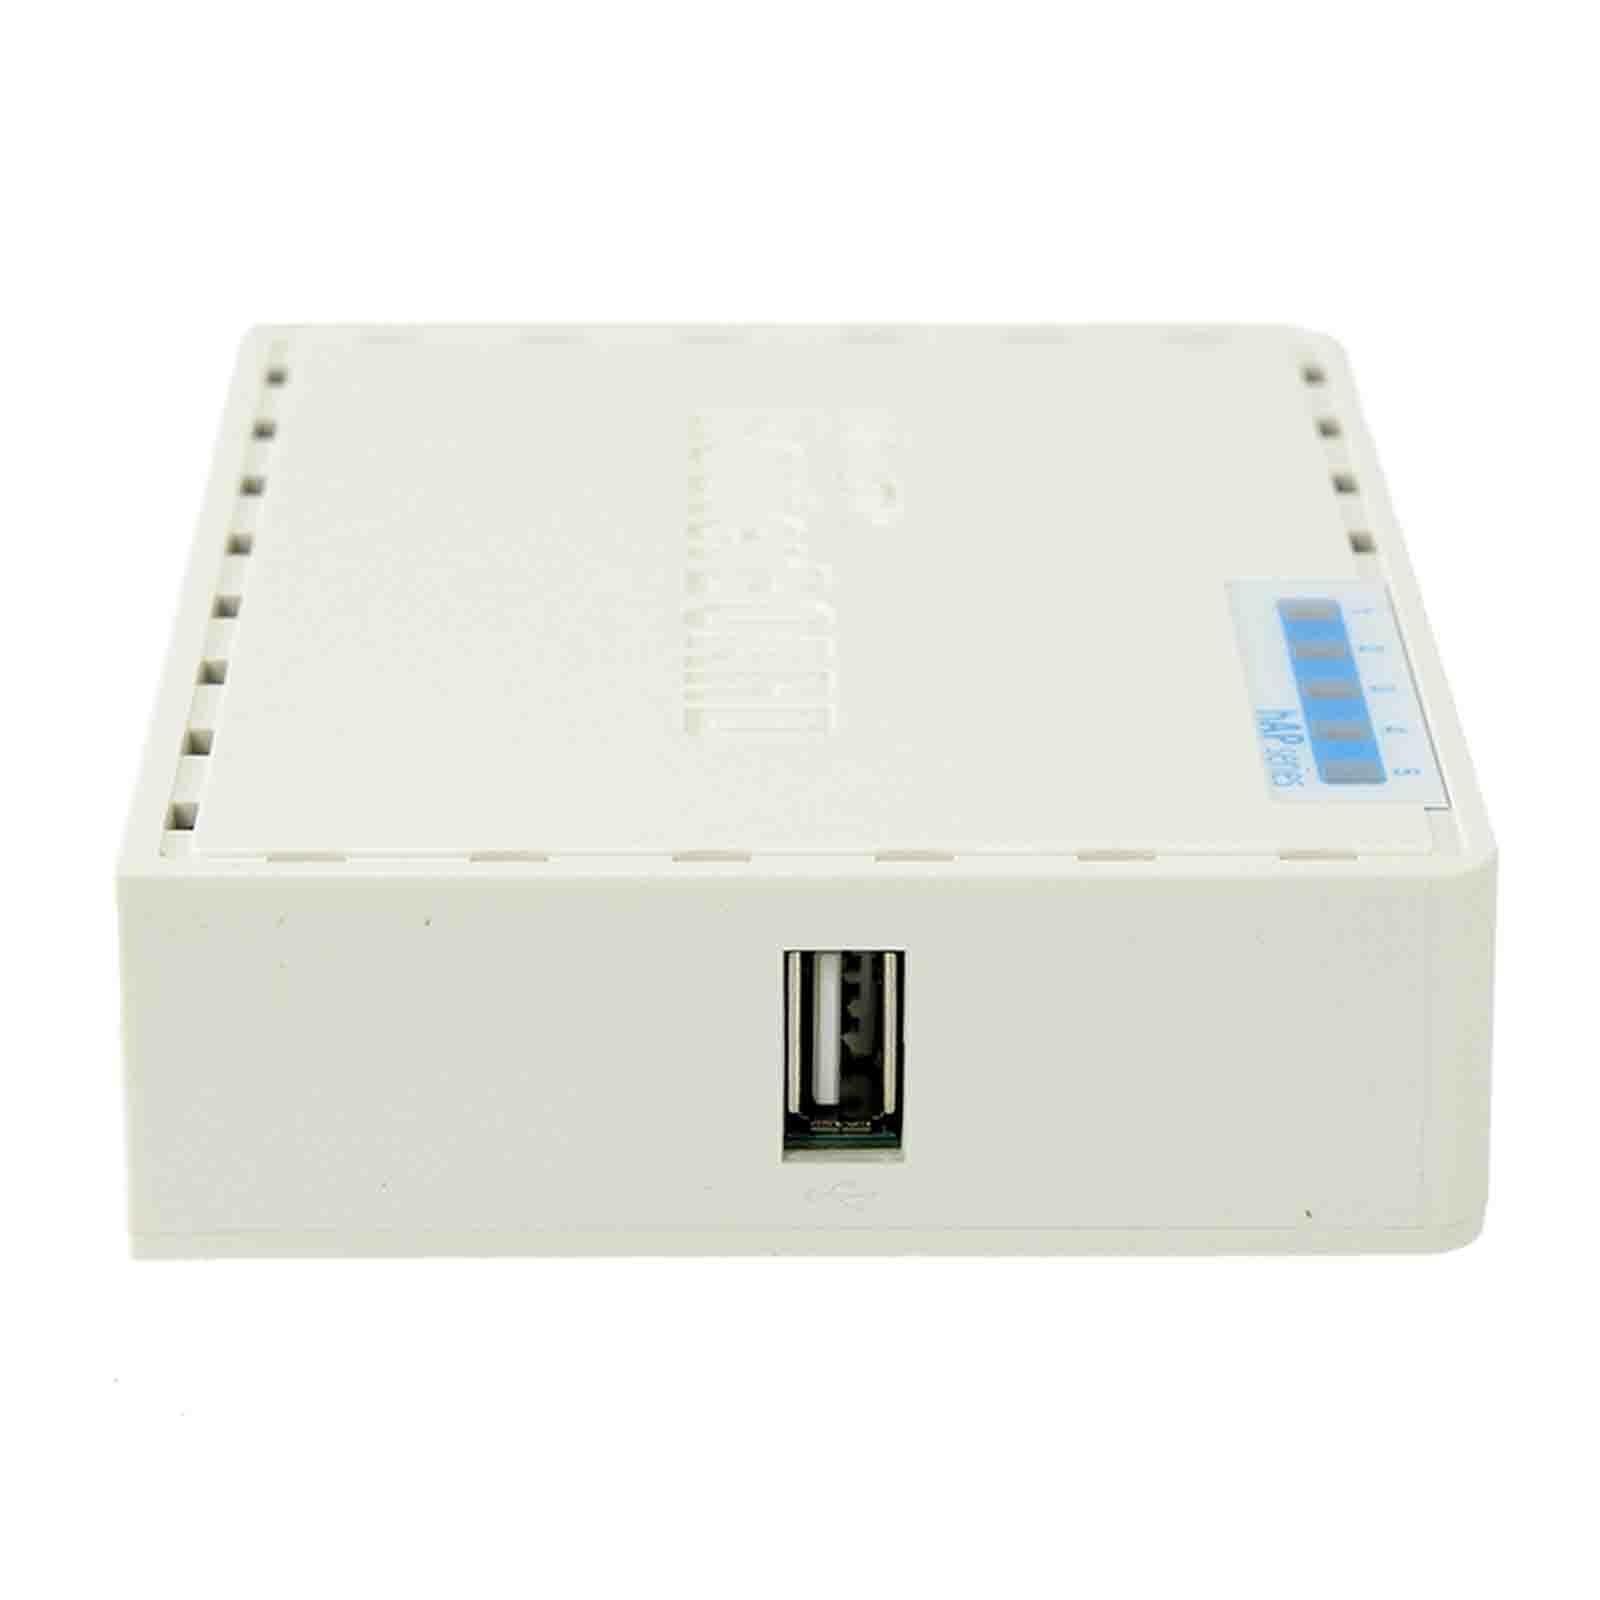 Router hAP ac lite RB952Ui-5ac2nD MikroTik